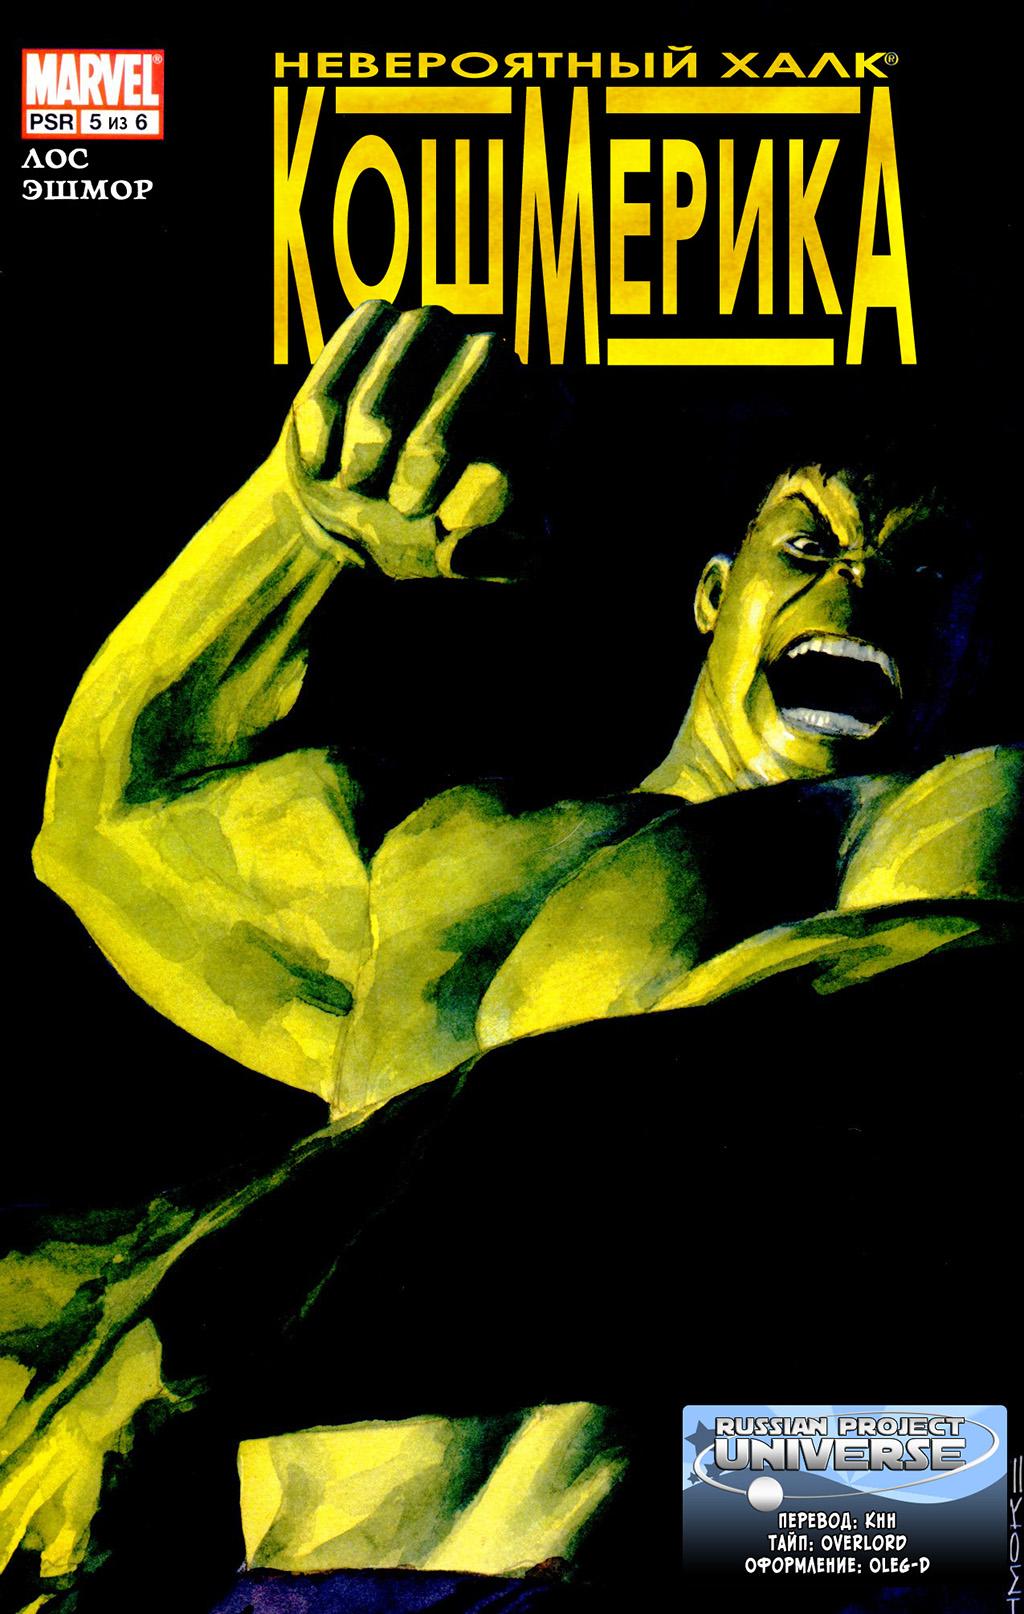 Комикс Невероятный Халк: Кошмерика